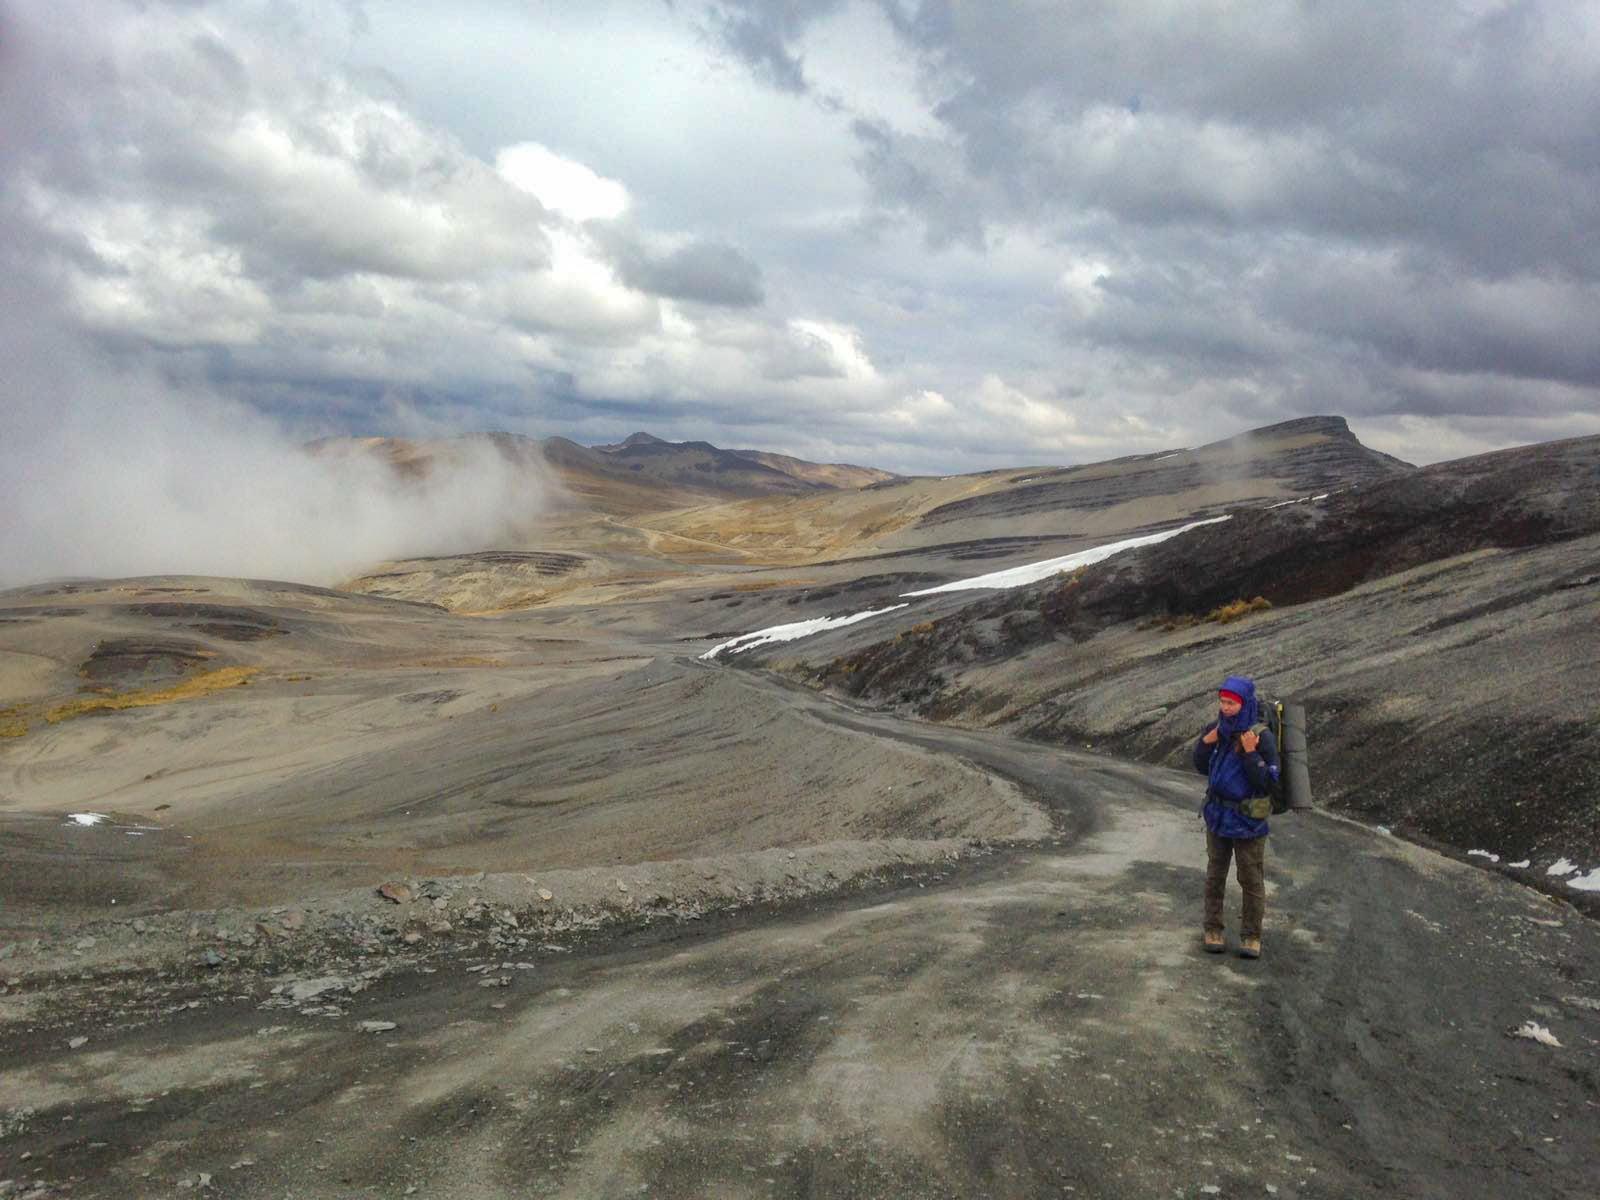 Турист на перевале в Боливии